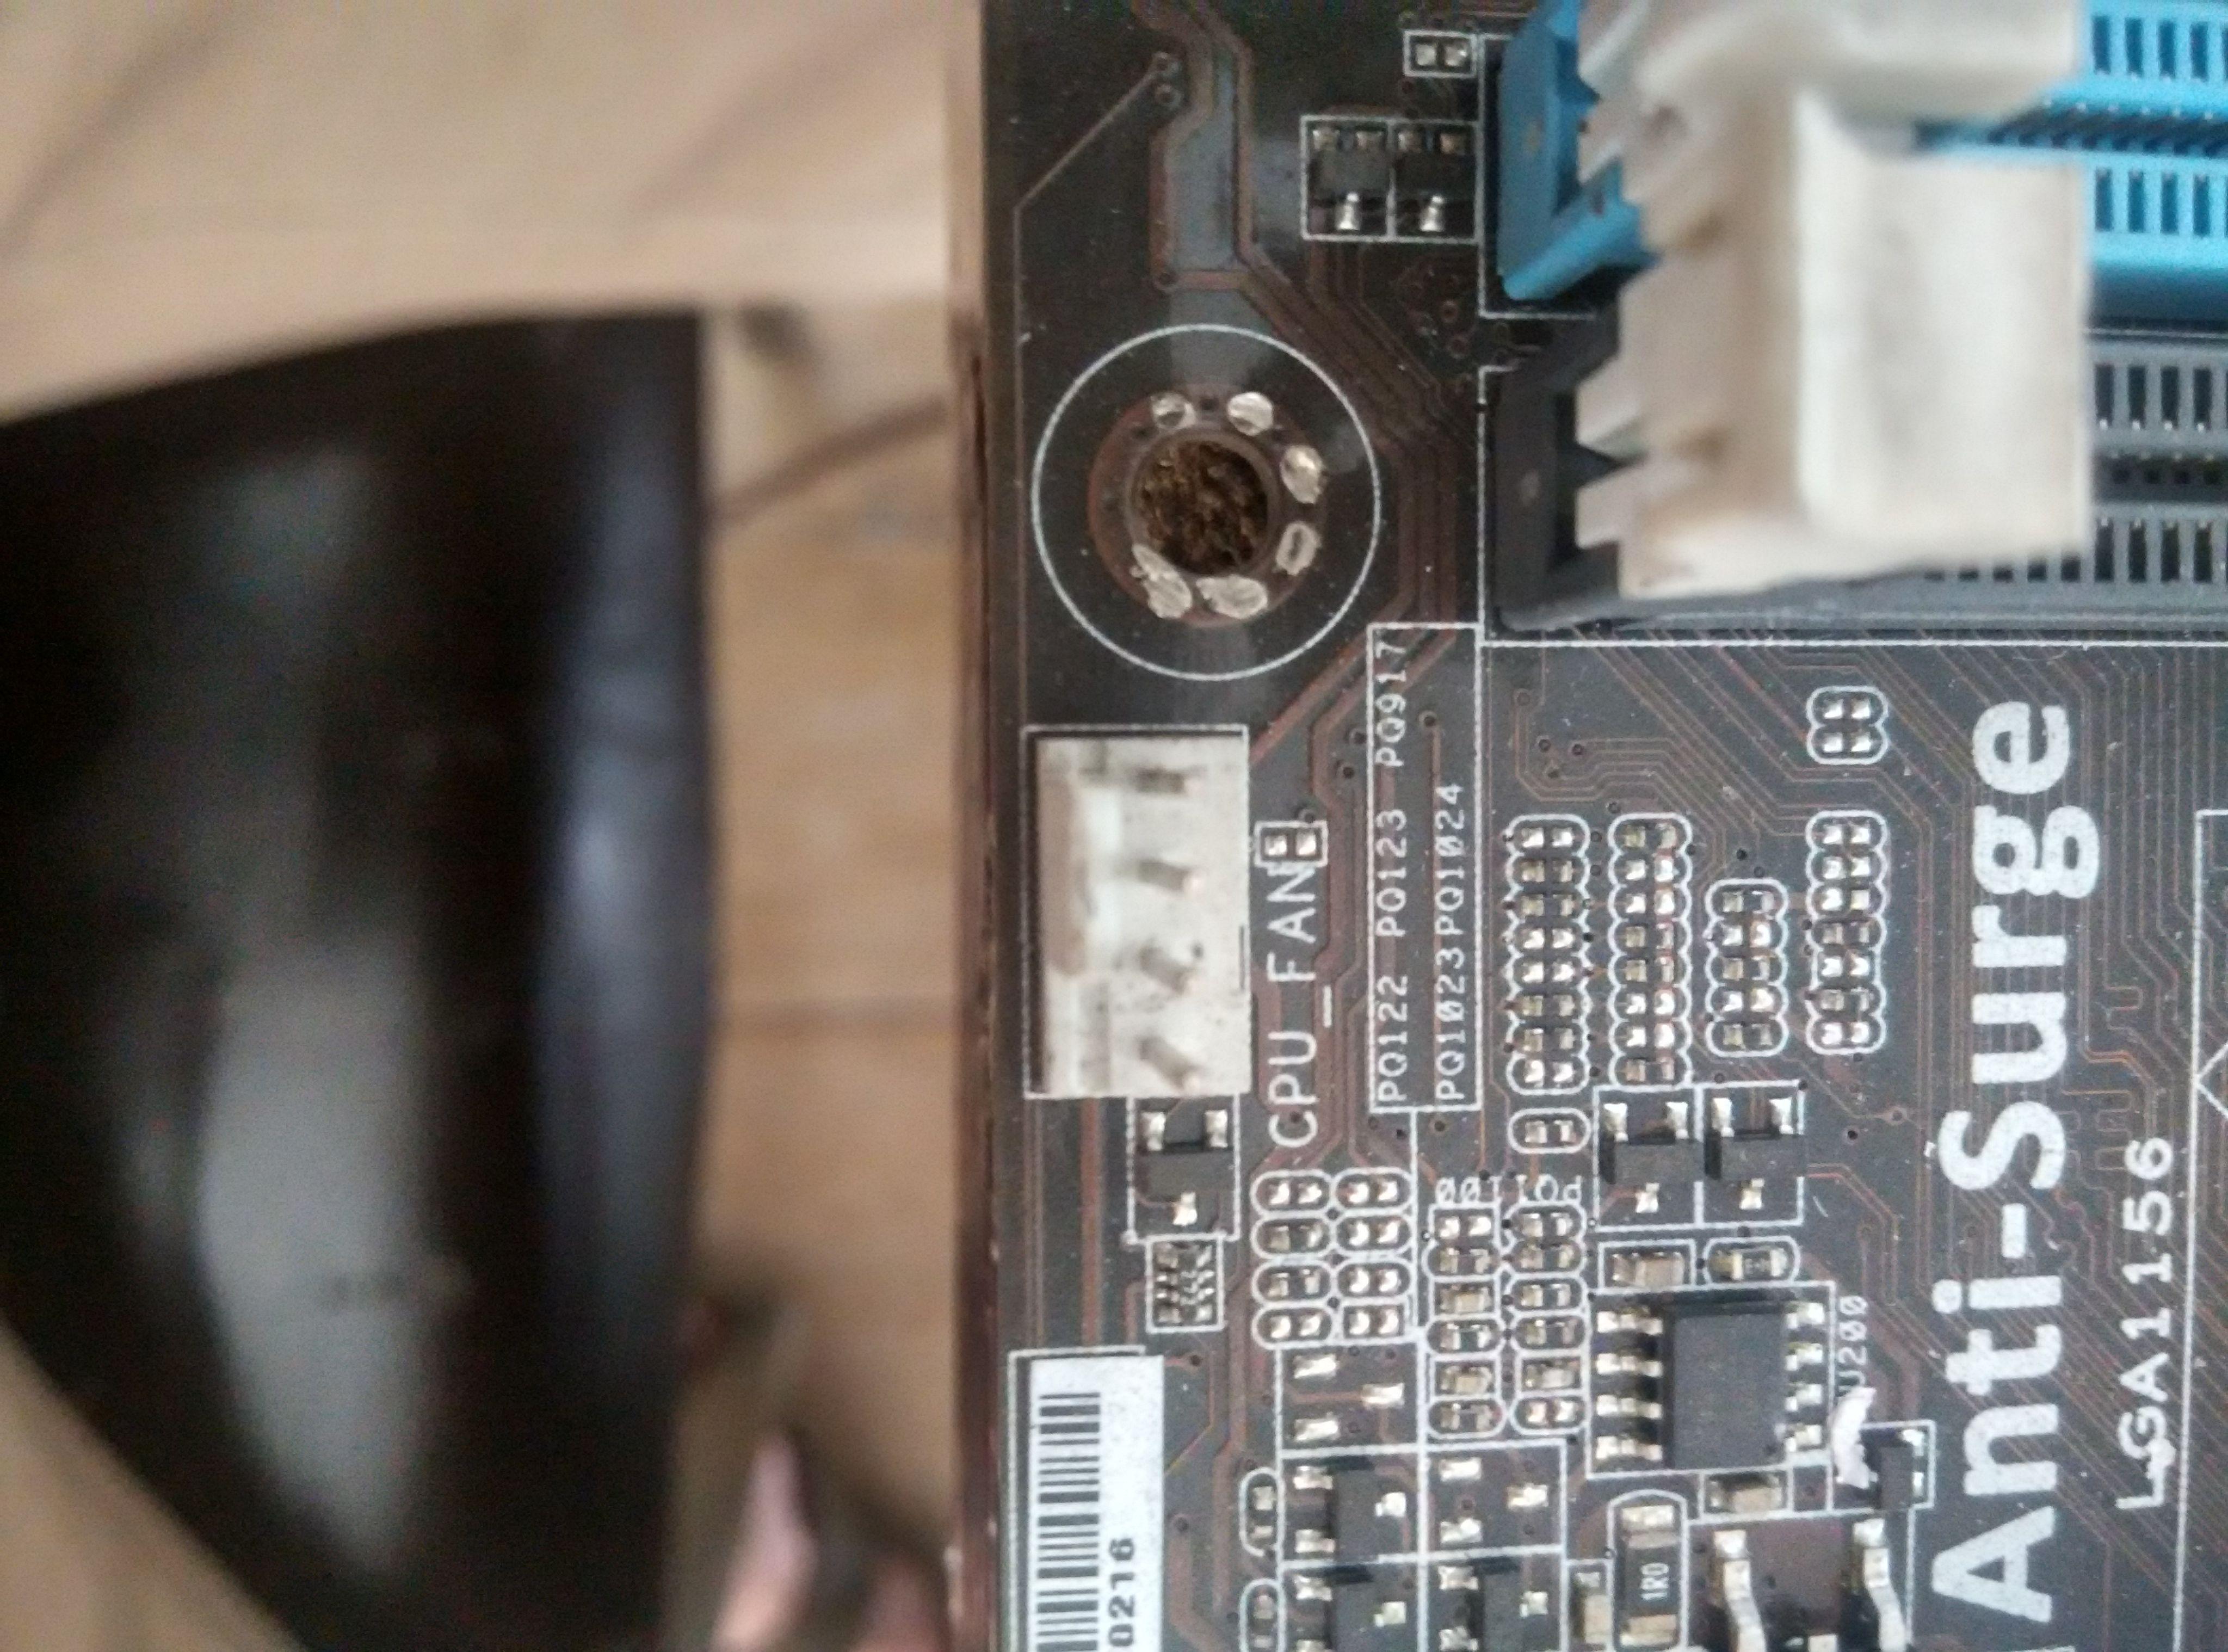 也是接在电脑主板上的,有对应的插座.